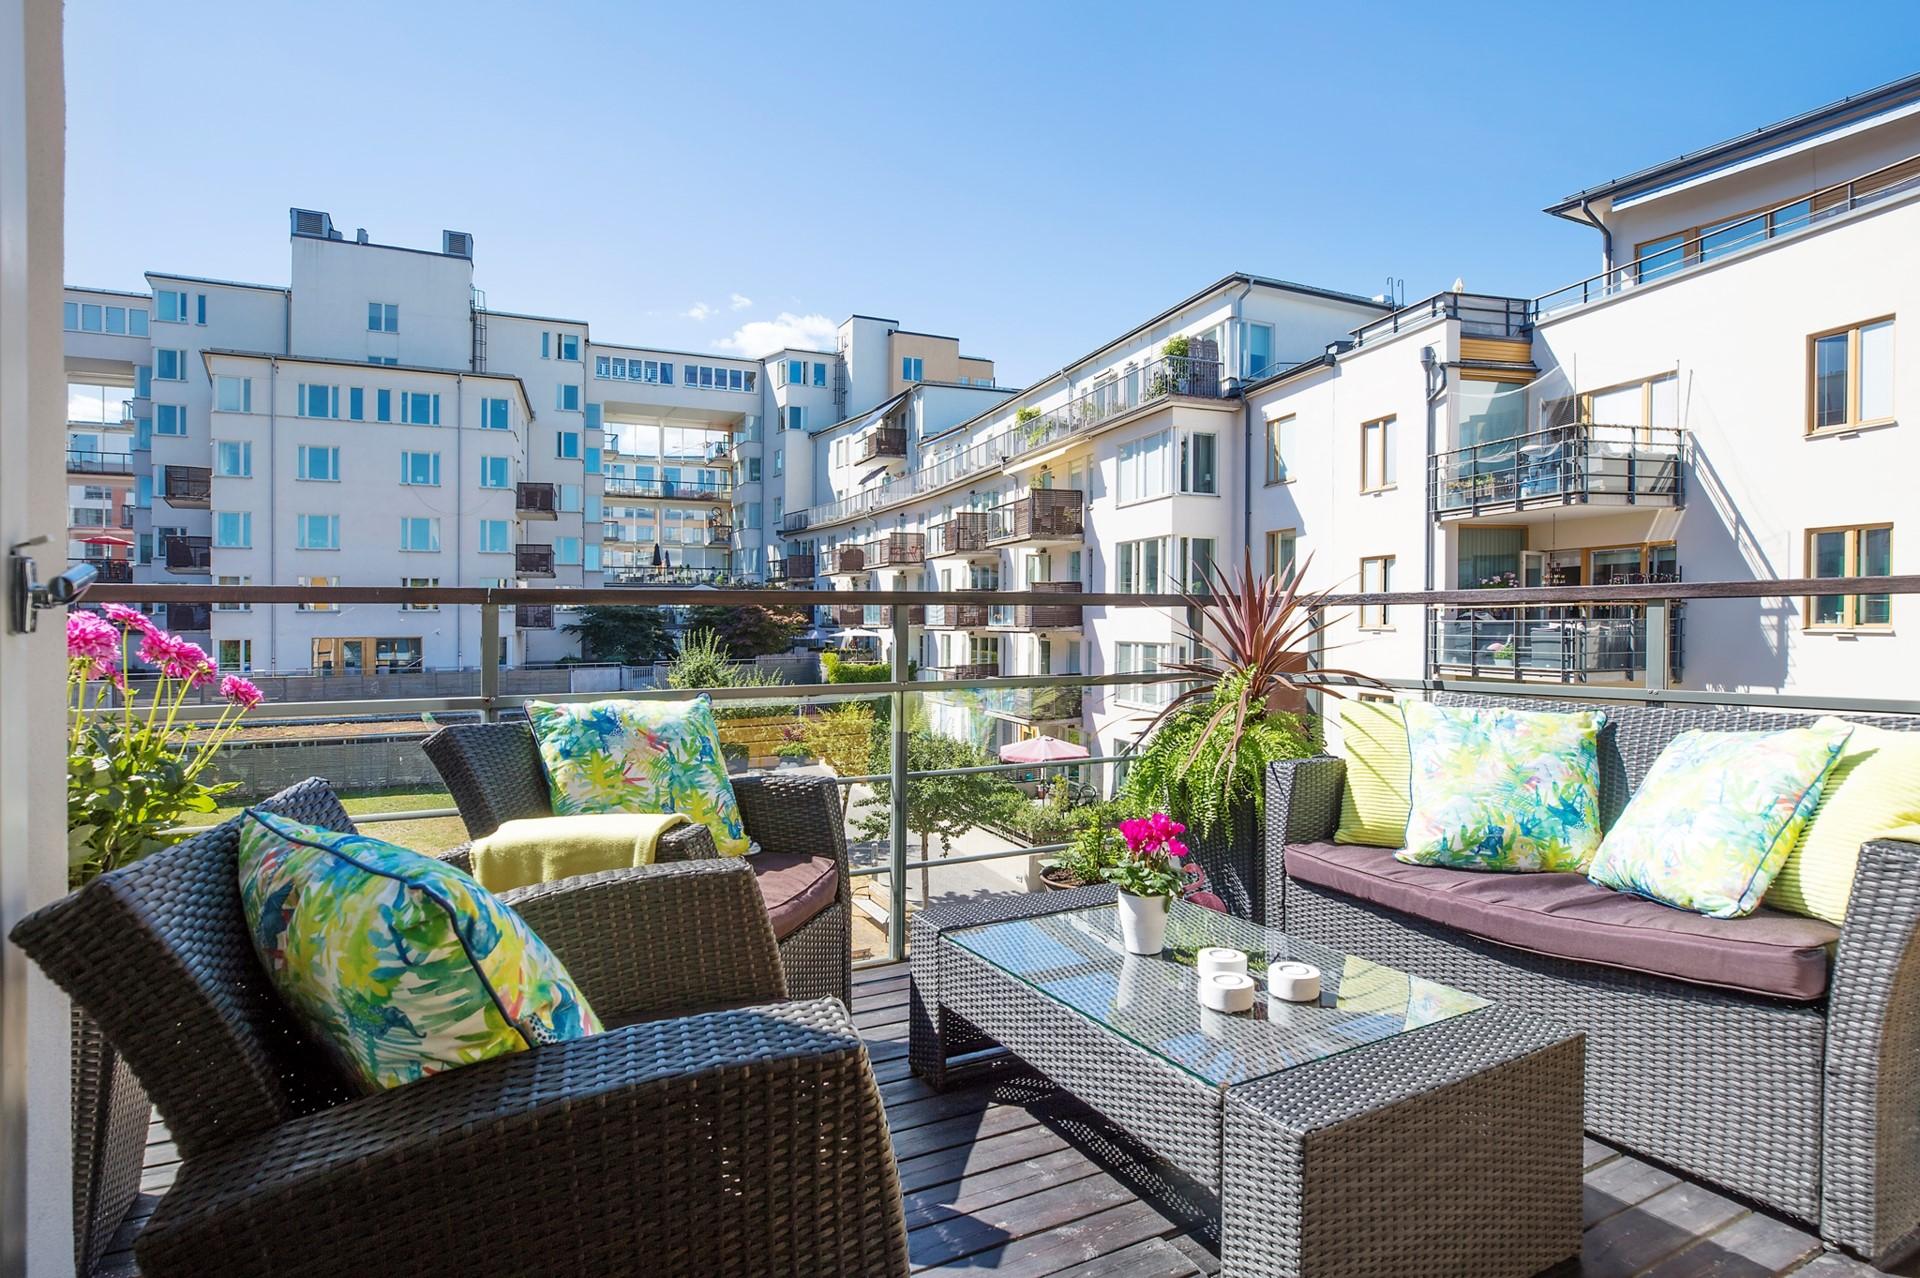 Korphoppsgatan 25, 2 tr Gårdshus! - Stor terrassliknande balkong i sydväst